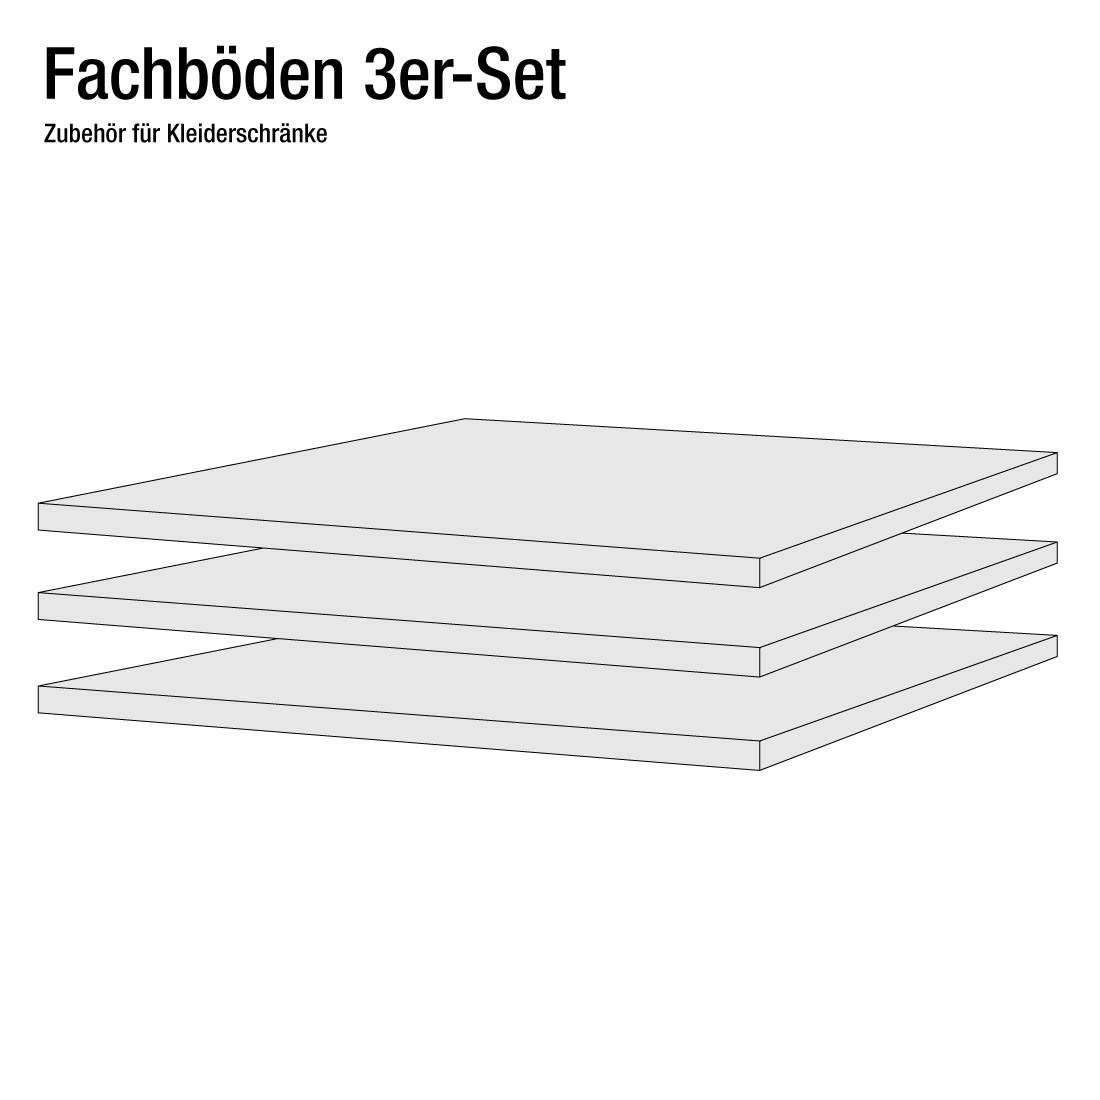 90er Fachboden (3er-Set) - für Schranktiefe 60/69 cm